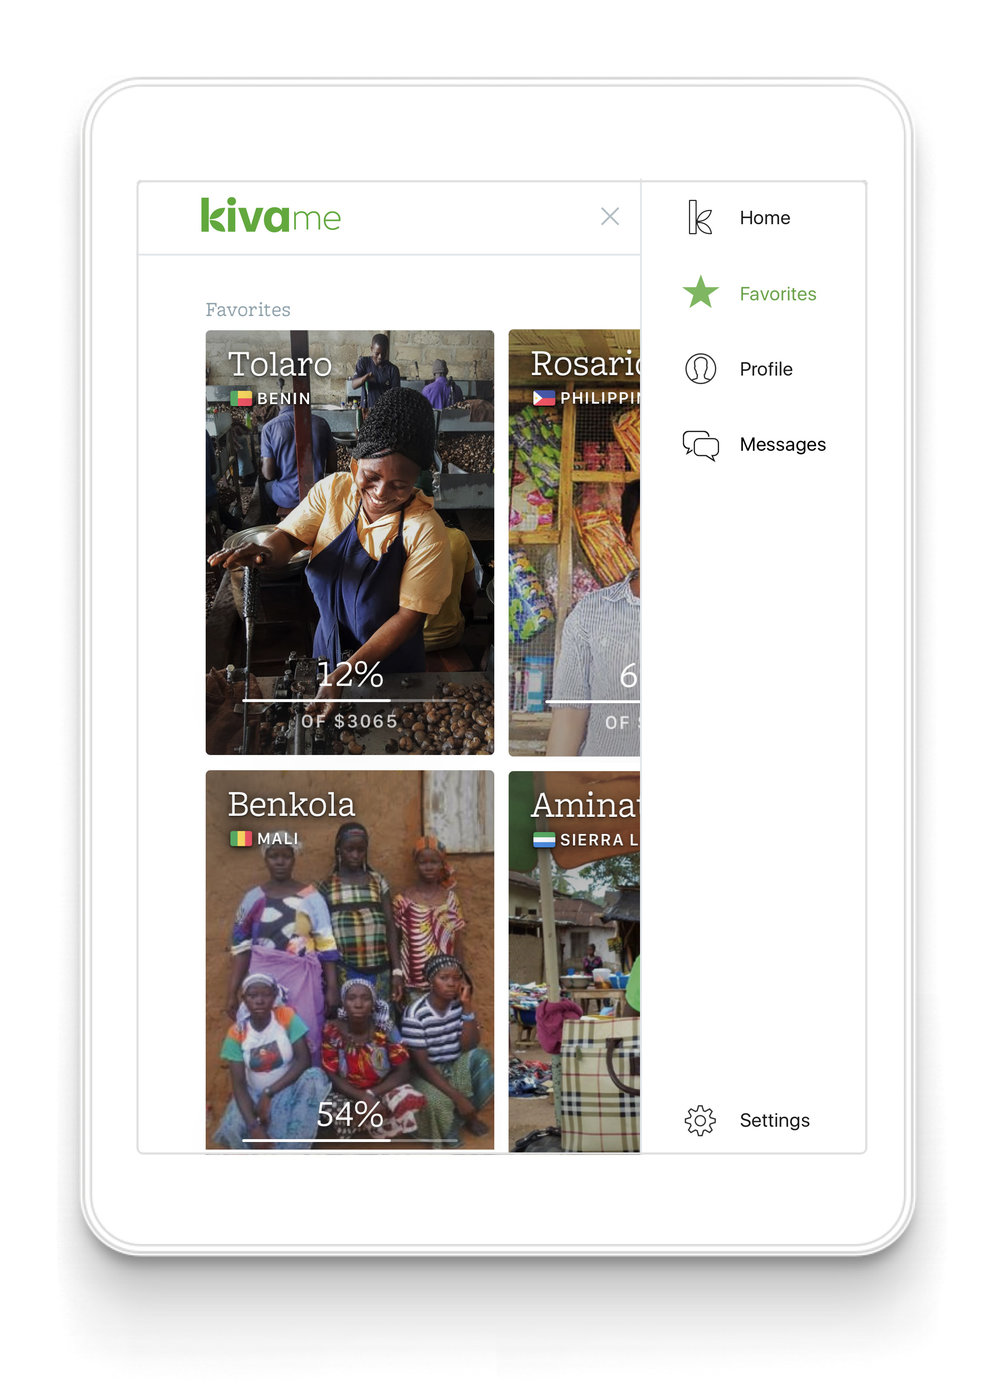 iPad-KivaMe-favs3.jpg